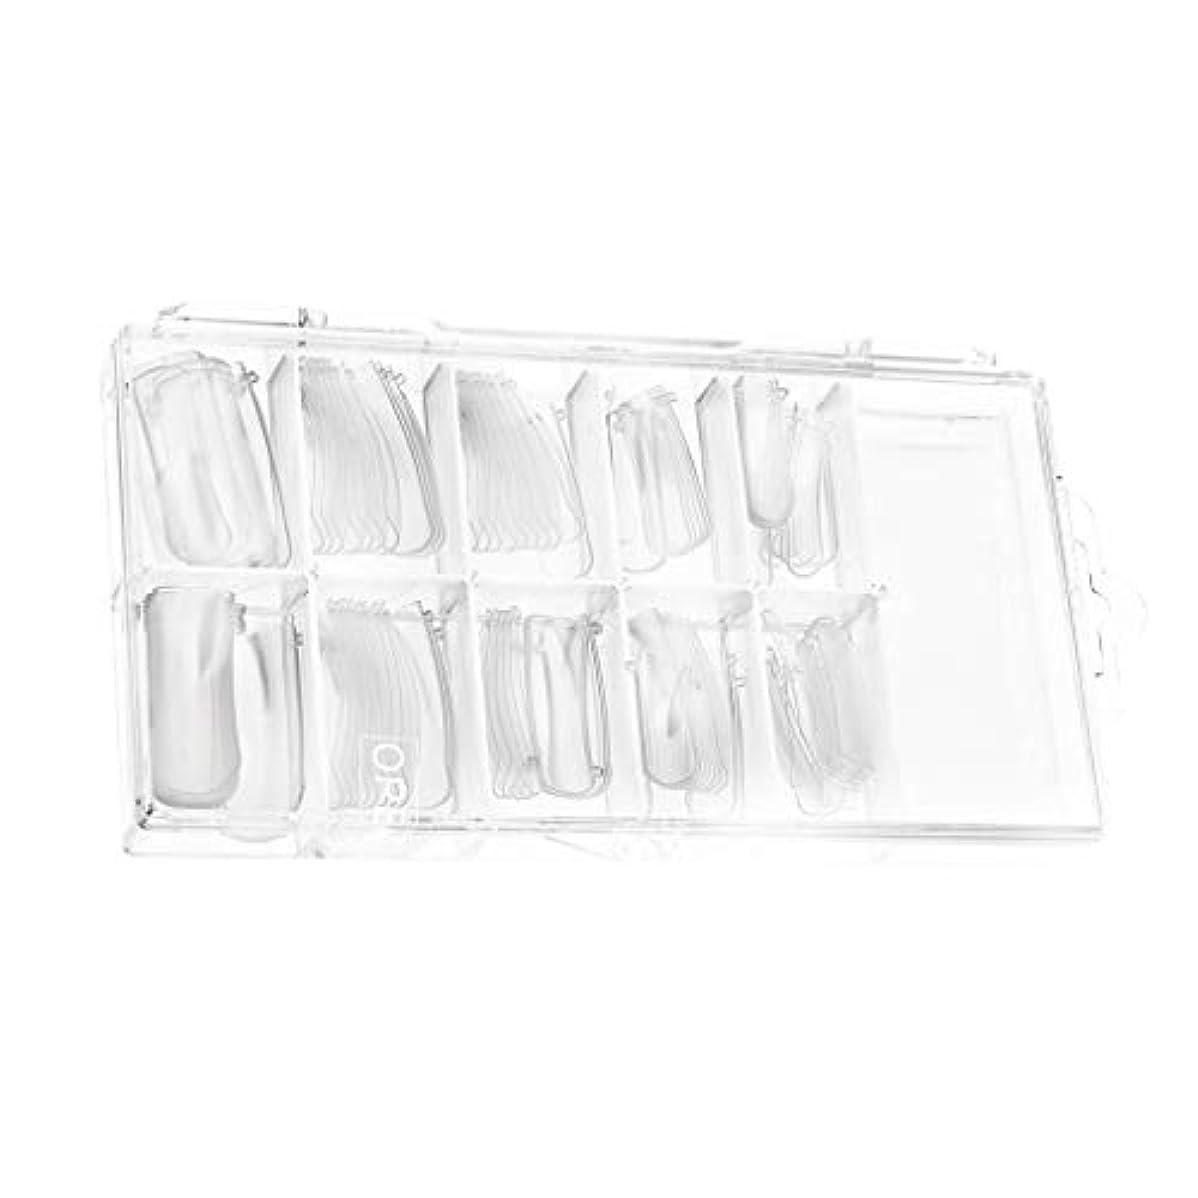 魔術作物イベントたくさん100棺ネイルクリアバレリーナネイルのヒントロングフルカバーアクリルネイル個人用または業務用(クリア)用10サイズ